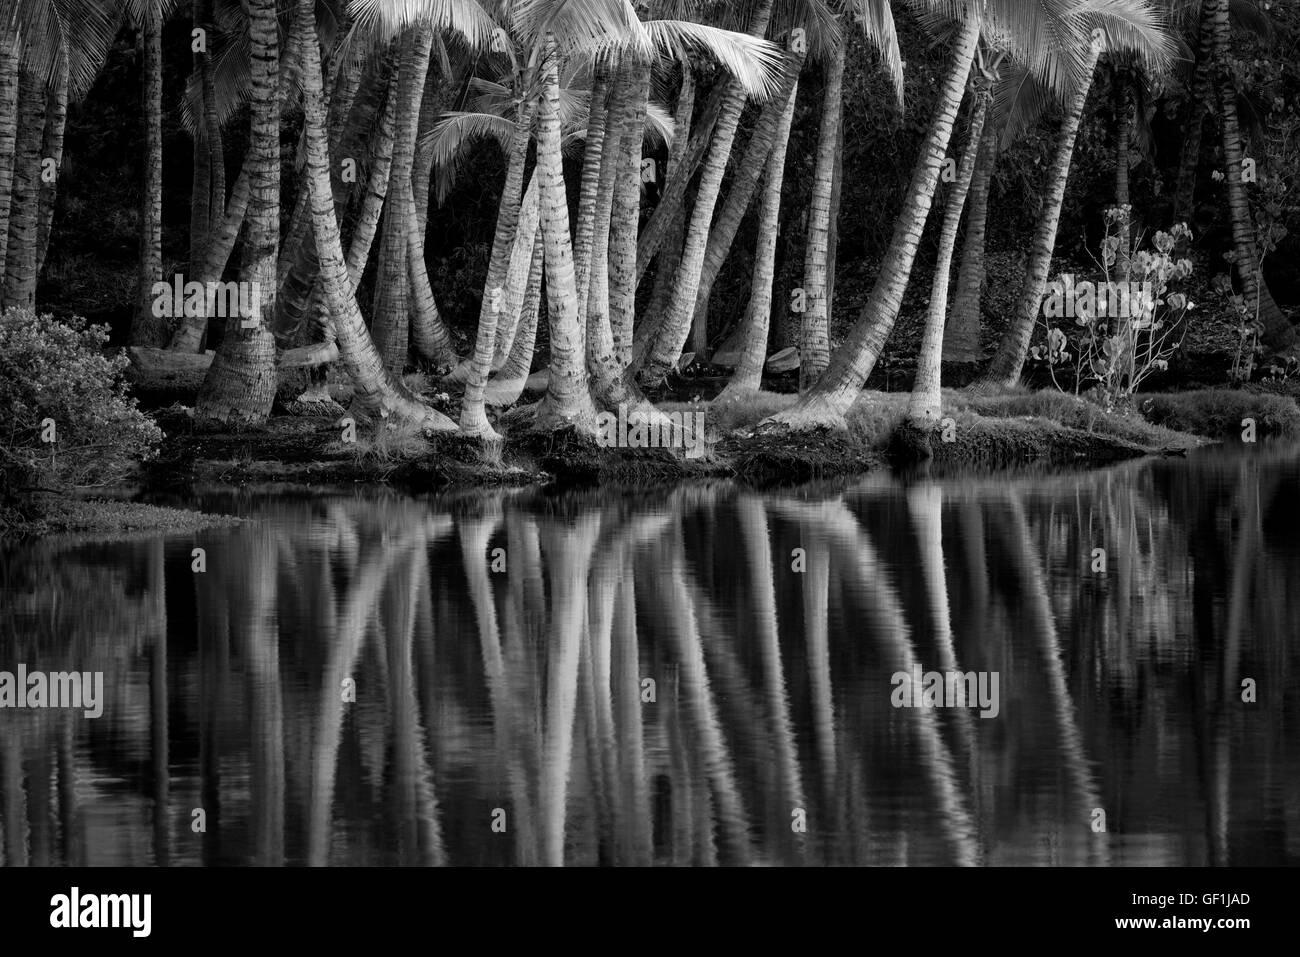 Palme riflettendo in acqua di Lahuipua'a e Kaaiopio stagni. Isola di Hawaii Immagini Stock